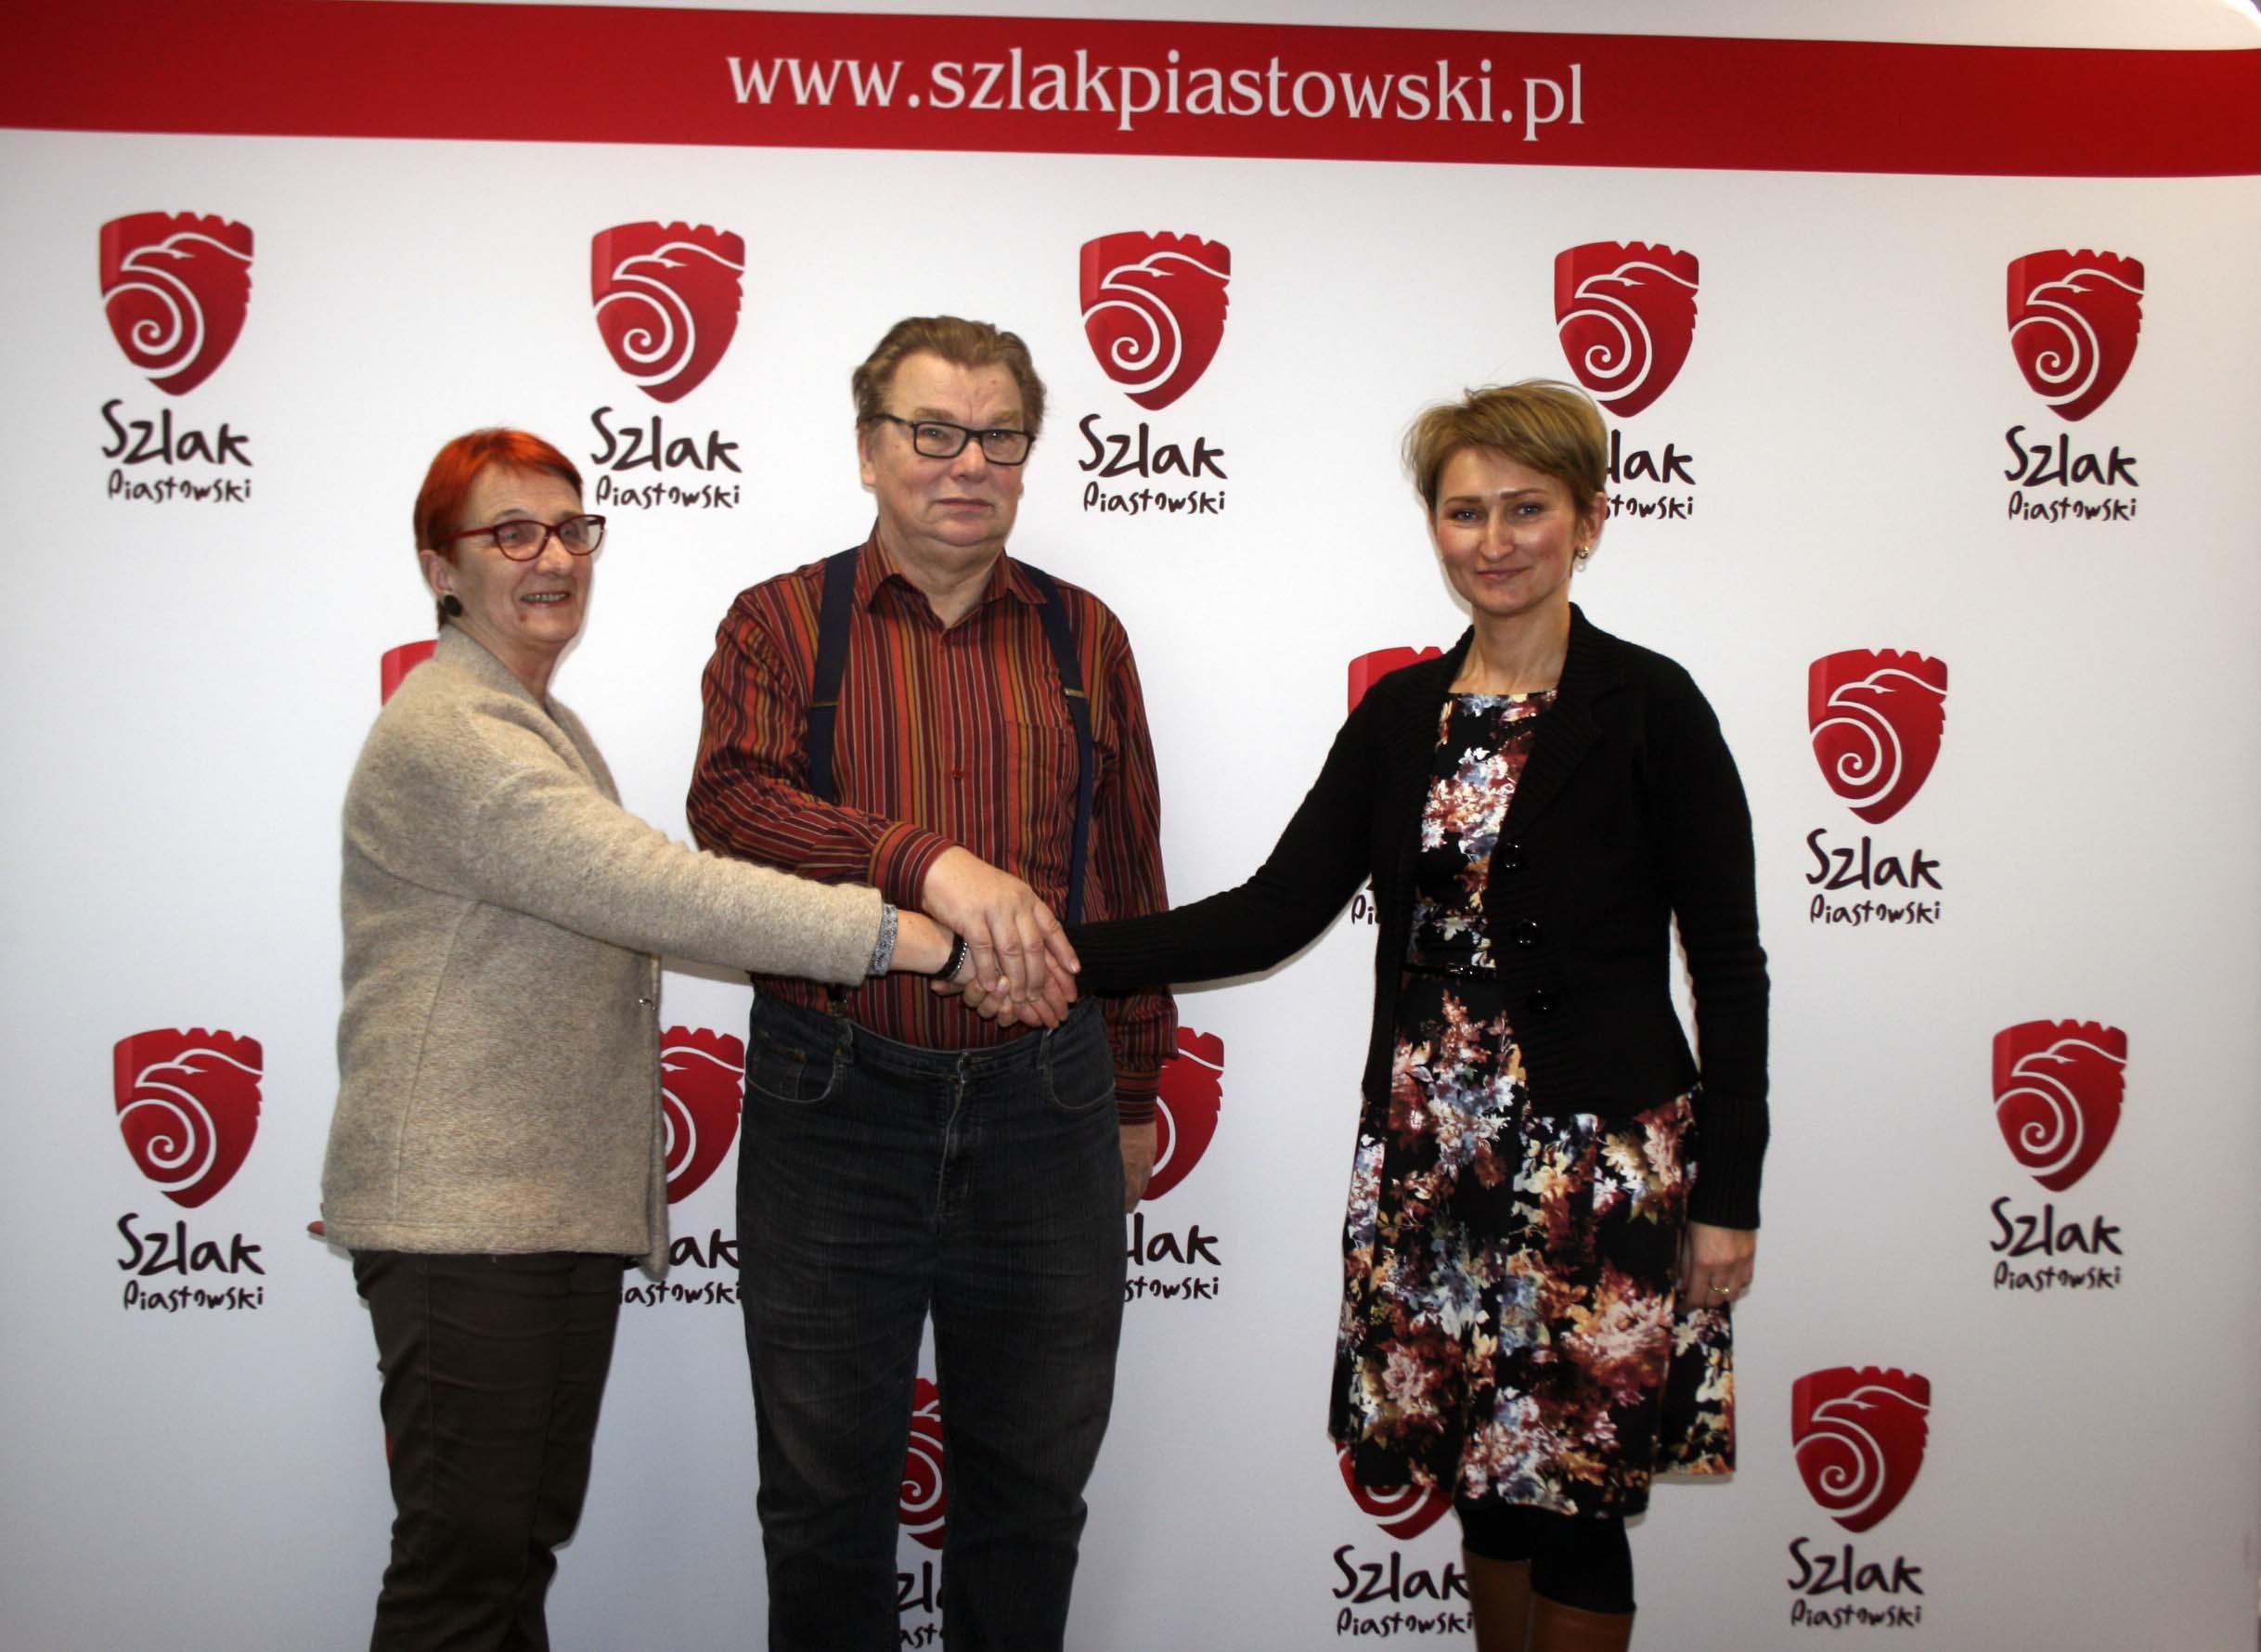 """Organizacja Turystyczna """"Szlak Piastowski"""" członkiem Klastra Turystycznego """"Szlak Piastowski w Wielkopolsce"""""""